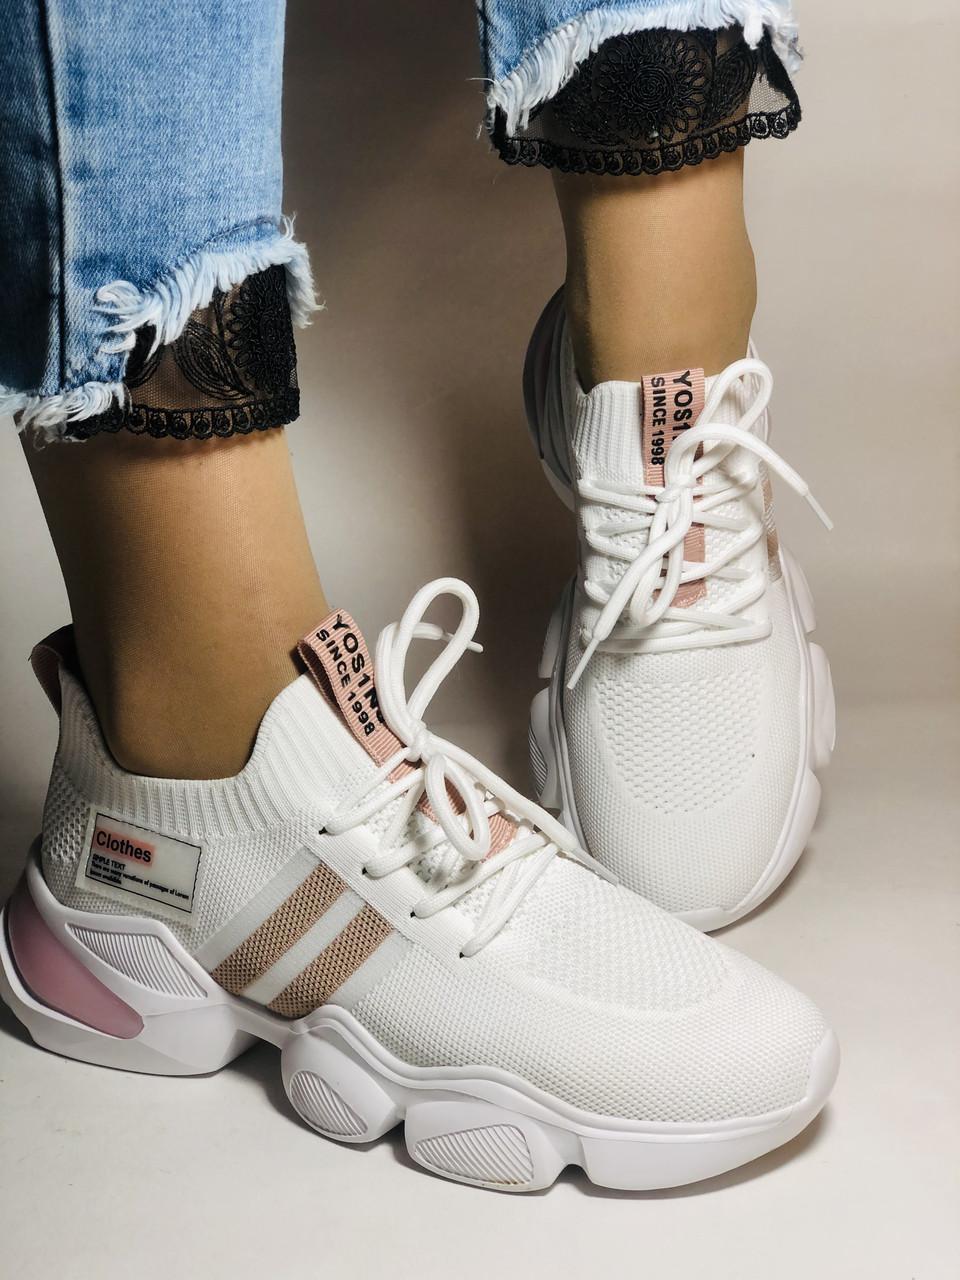 Lonza.Стильные женские кеды-кроссовки белые.Плотный текстиль. Размер  36.  Vellena